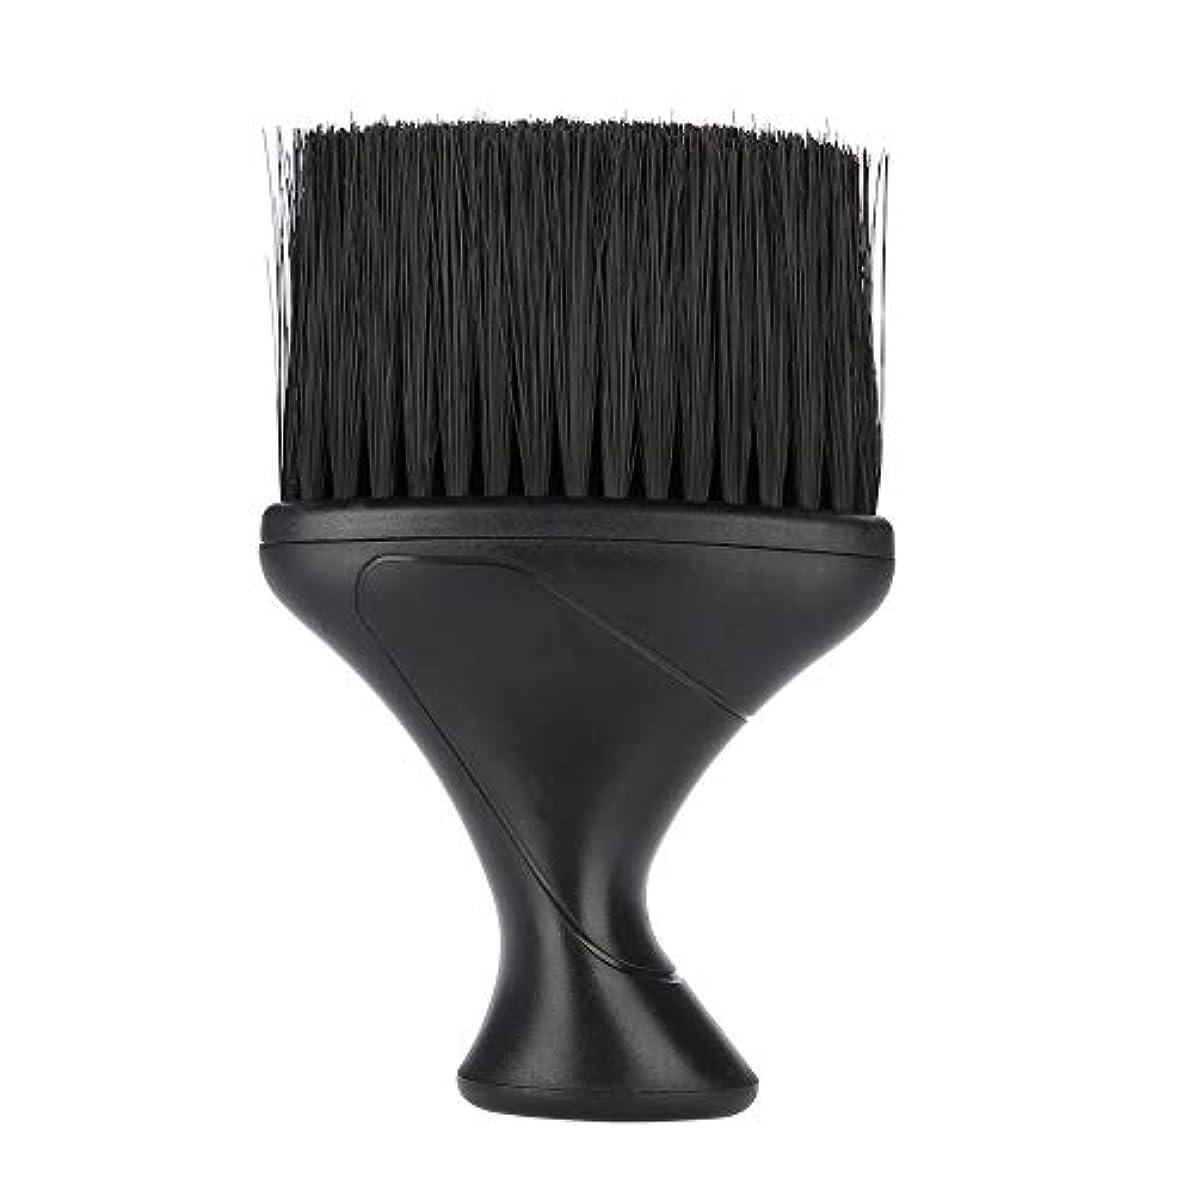 リップ包帯同化ヘアブラシソフトヘアブラシネックダスター理髪ヘアカットスタイリングクリーニングブラシ